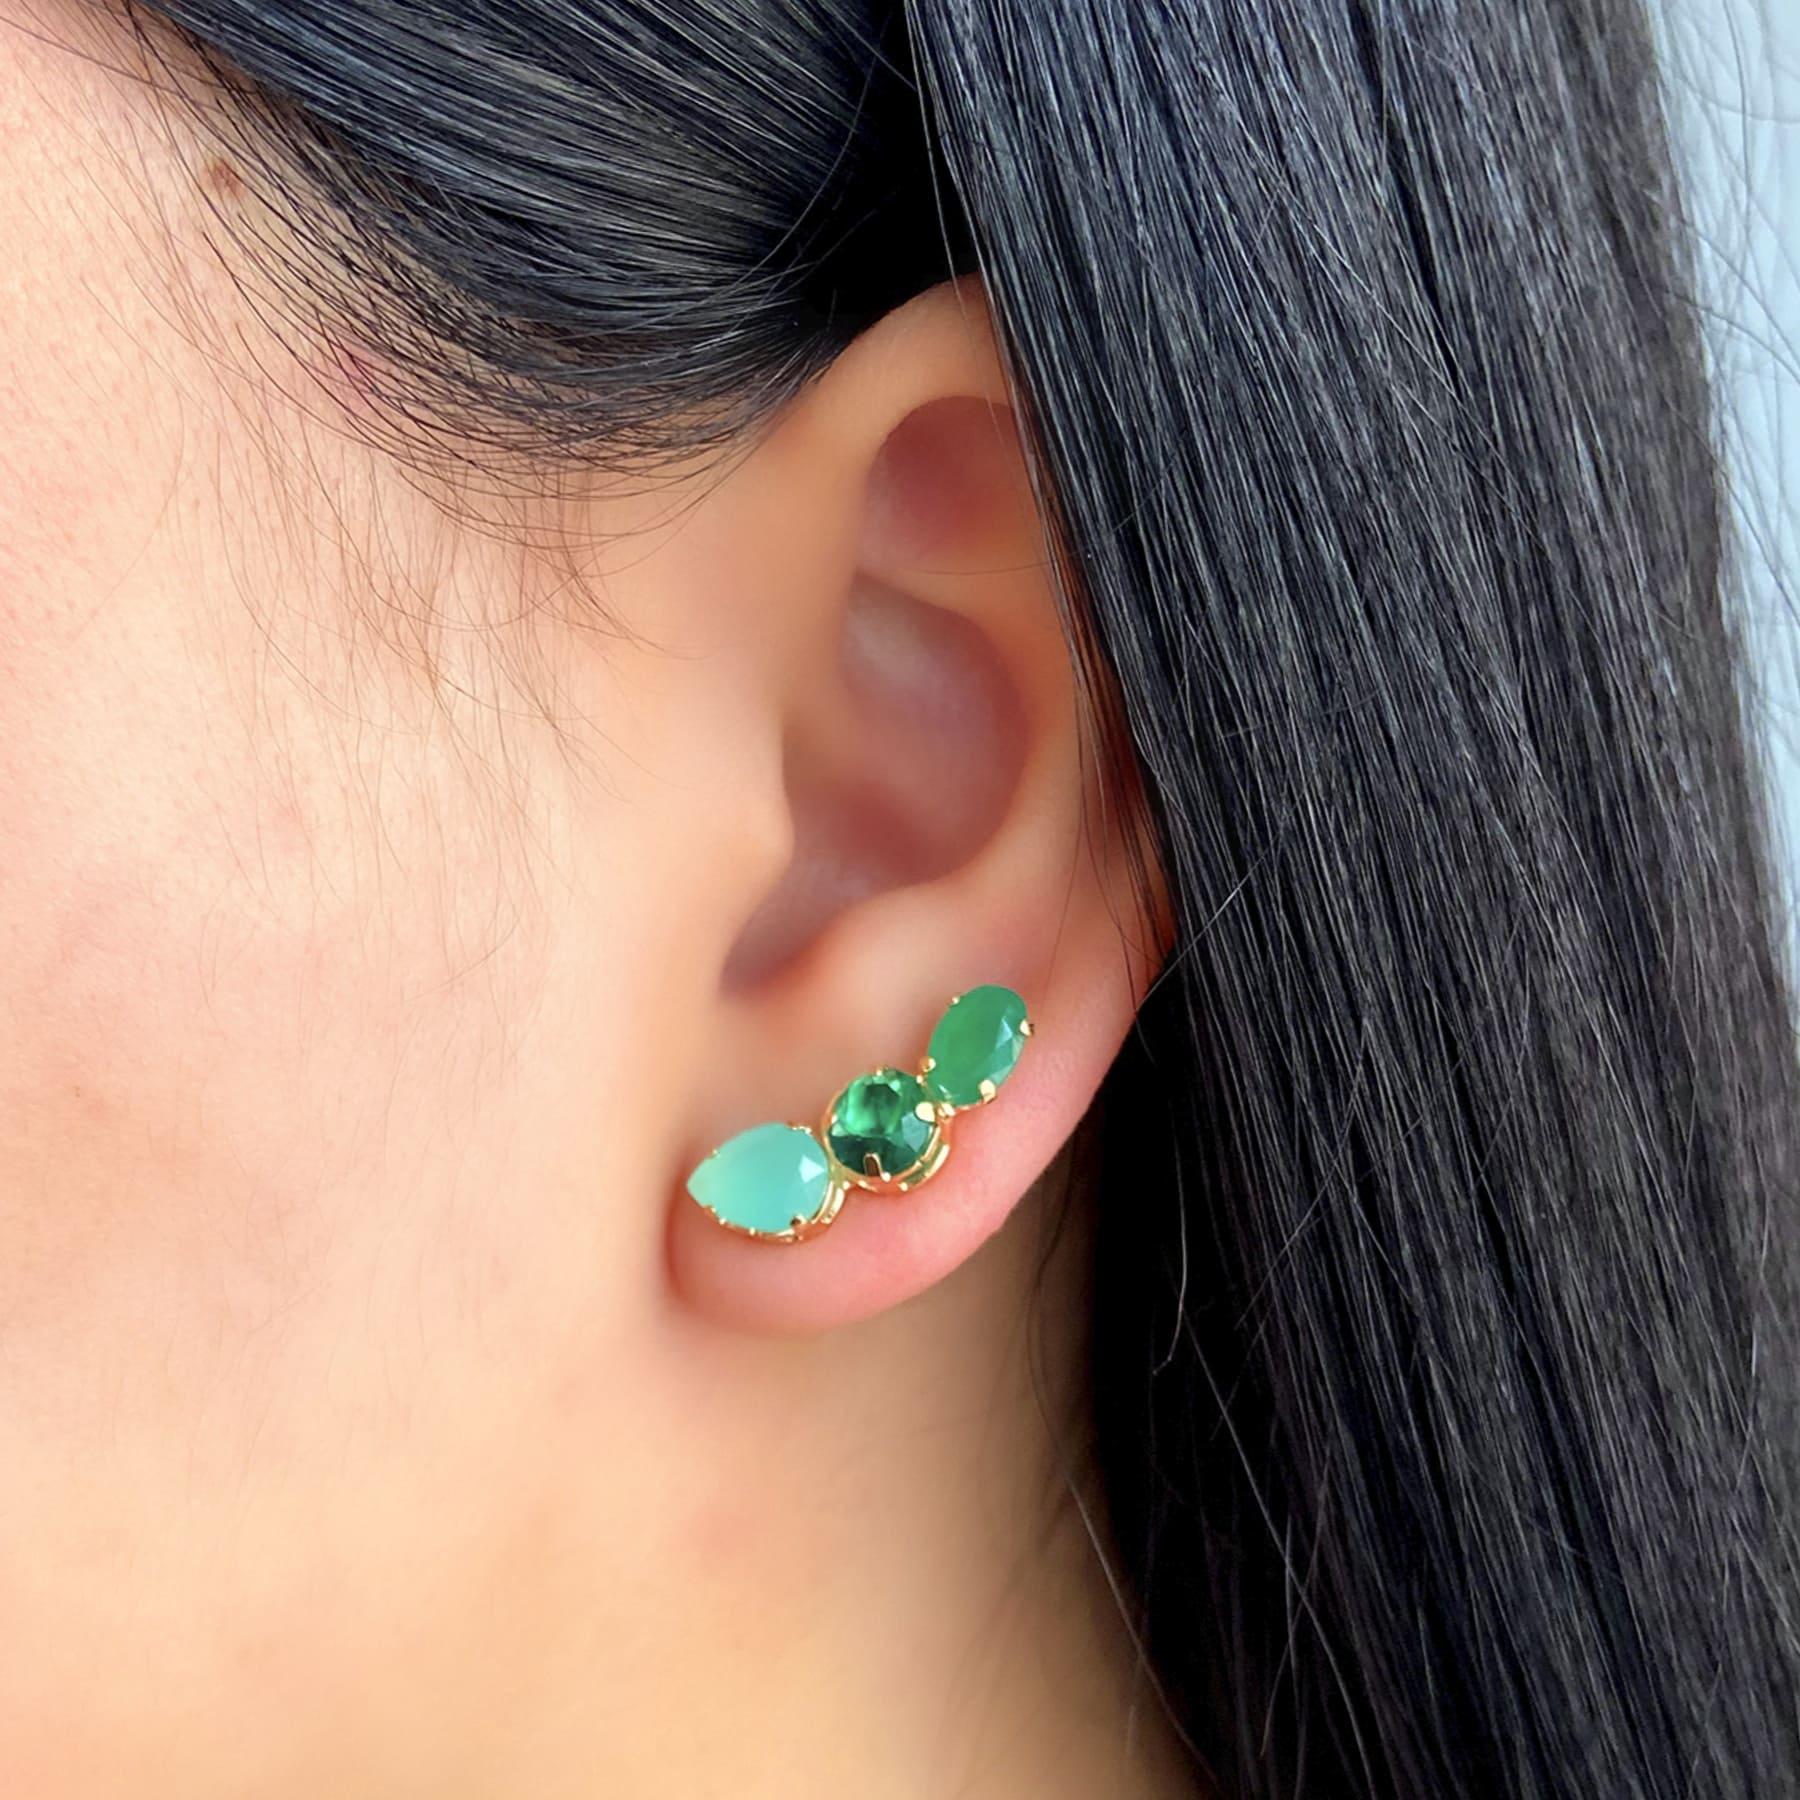 Brinco Ear Cuff Folheado Com Zircônias Coloridas - Natureza